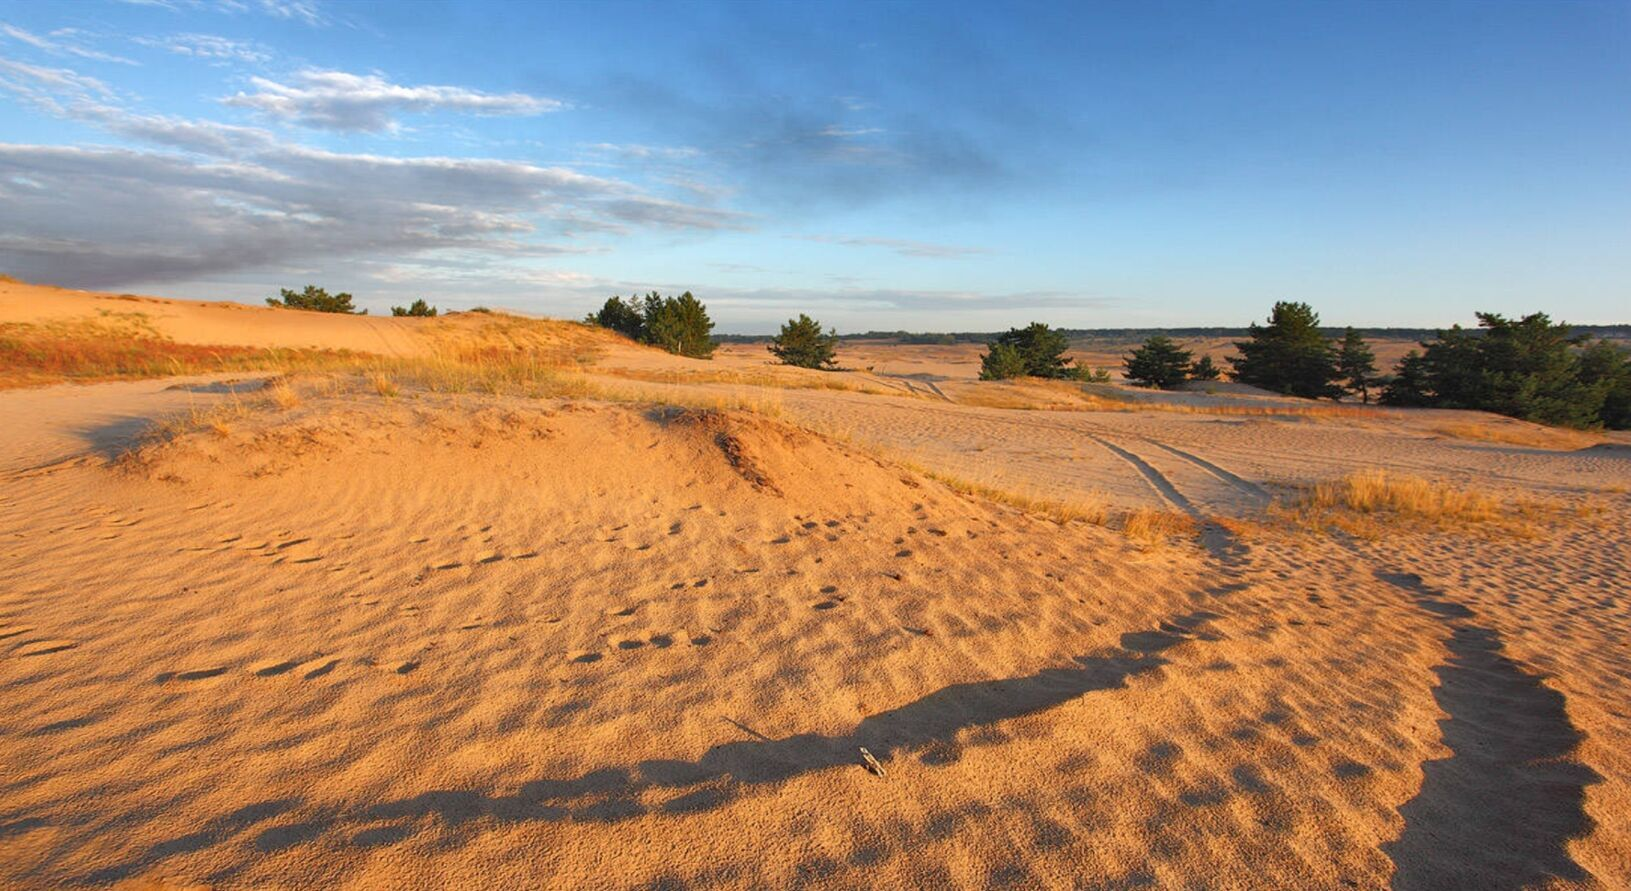 Ніяких розваг на території пустелі немає – тільки природа, чисте повітря і гармонія із собою